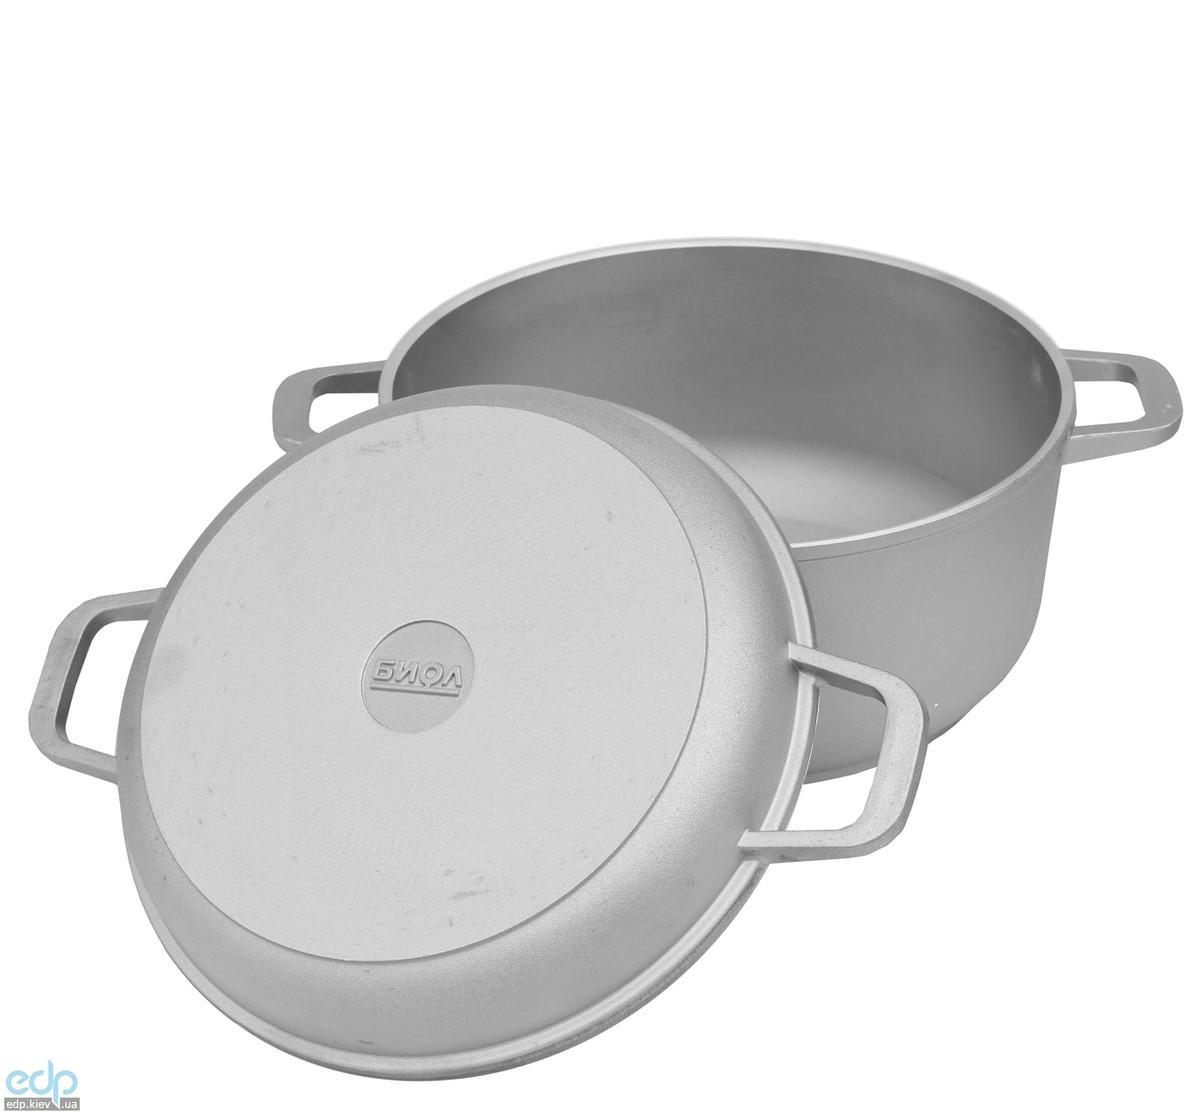 Биол - Кастрюля + крышка-сковорода алюминиевая диаметр 26 см объем 5 л (К502)